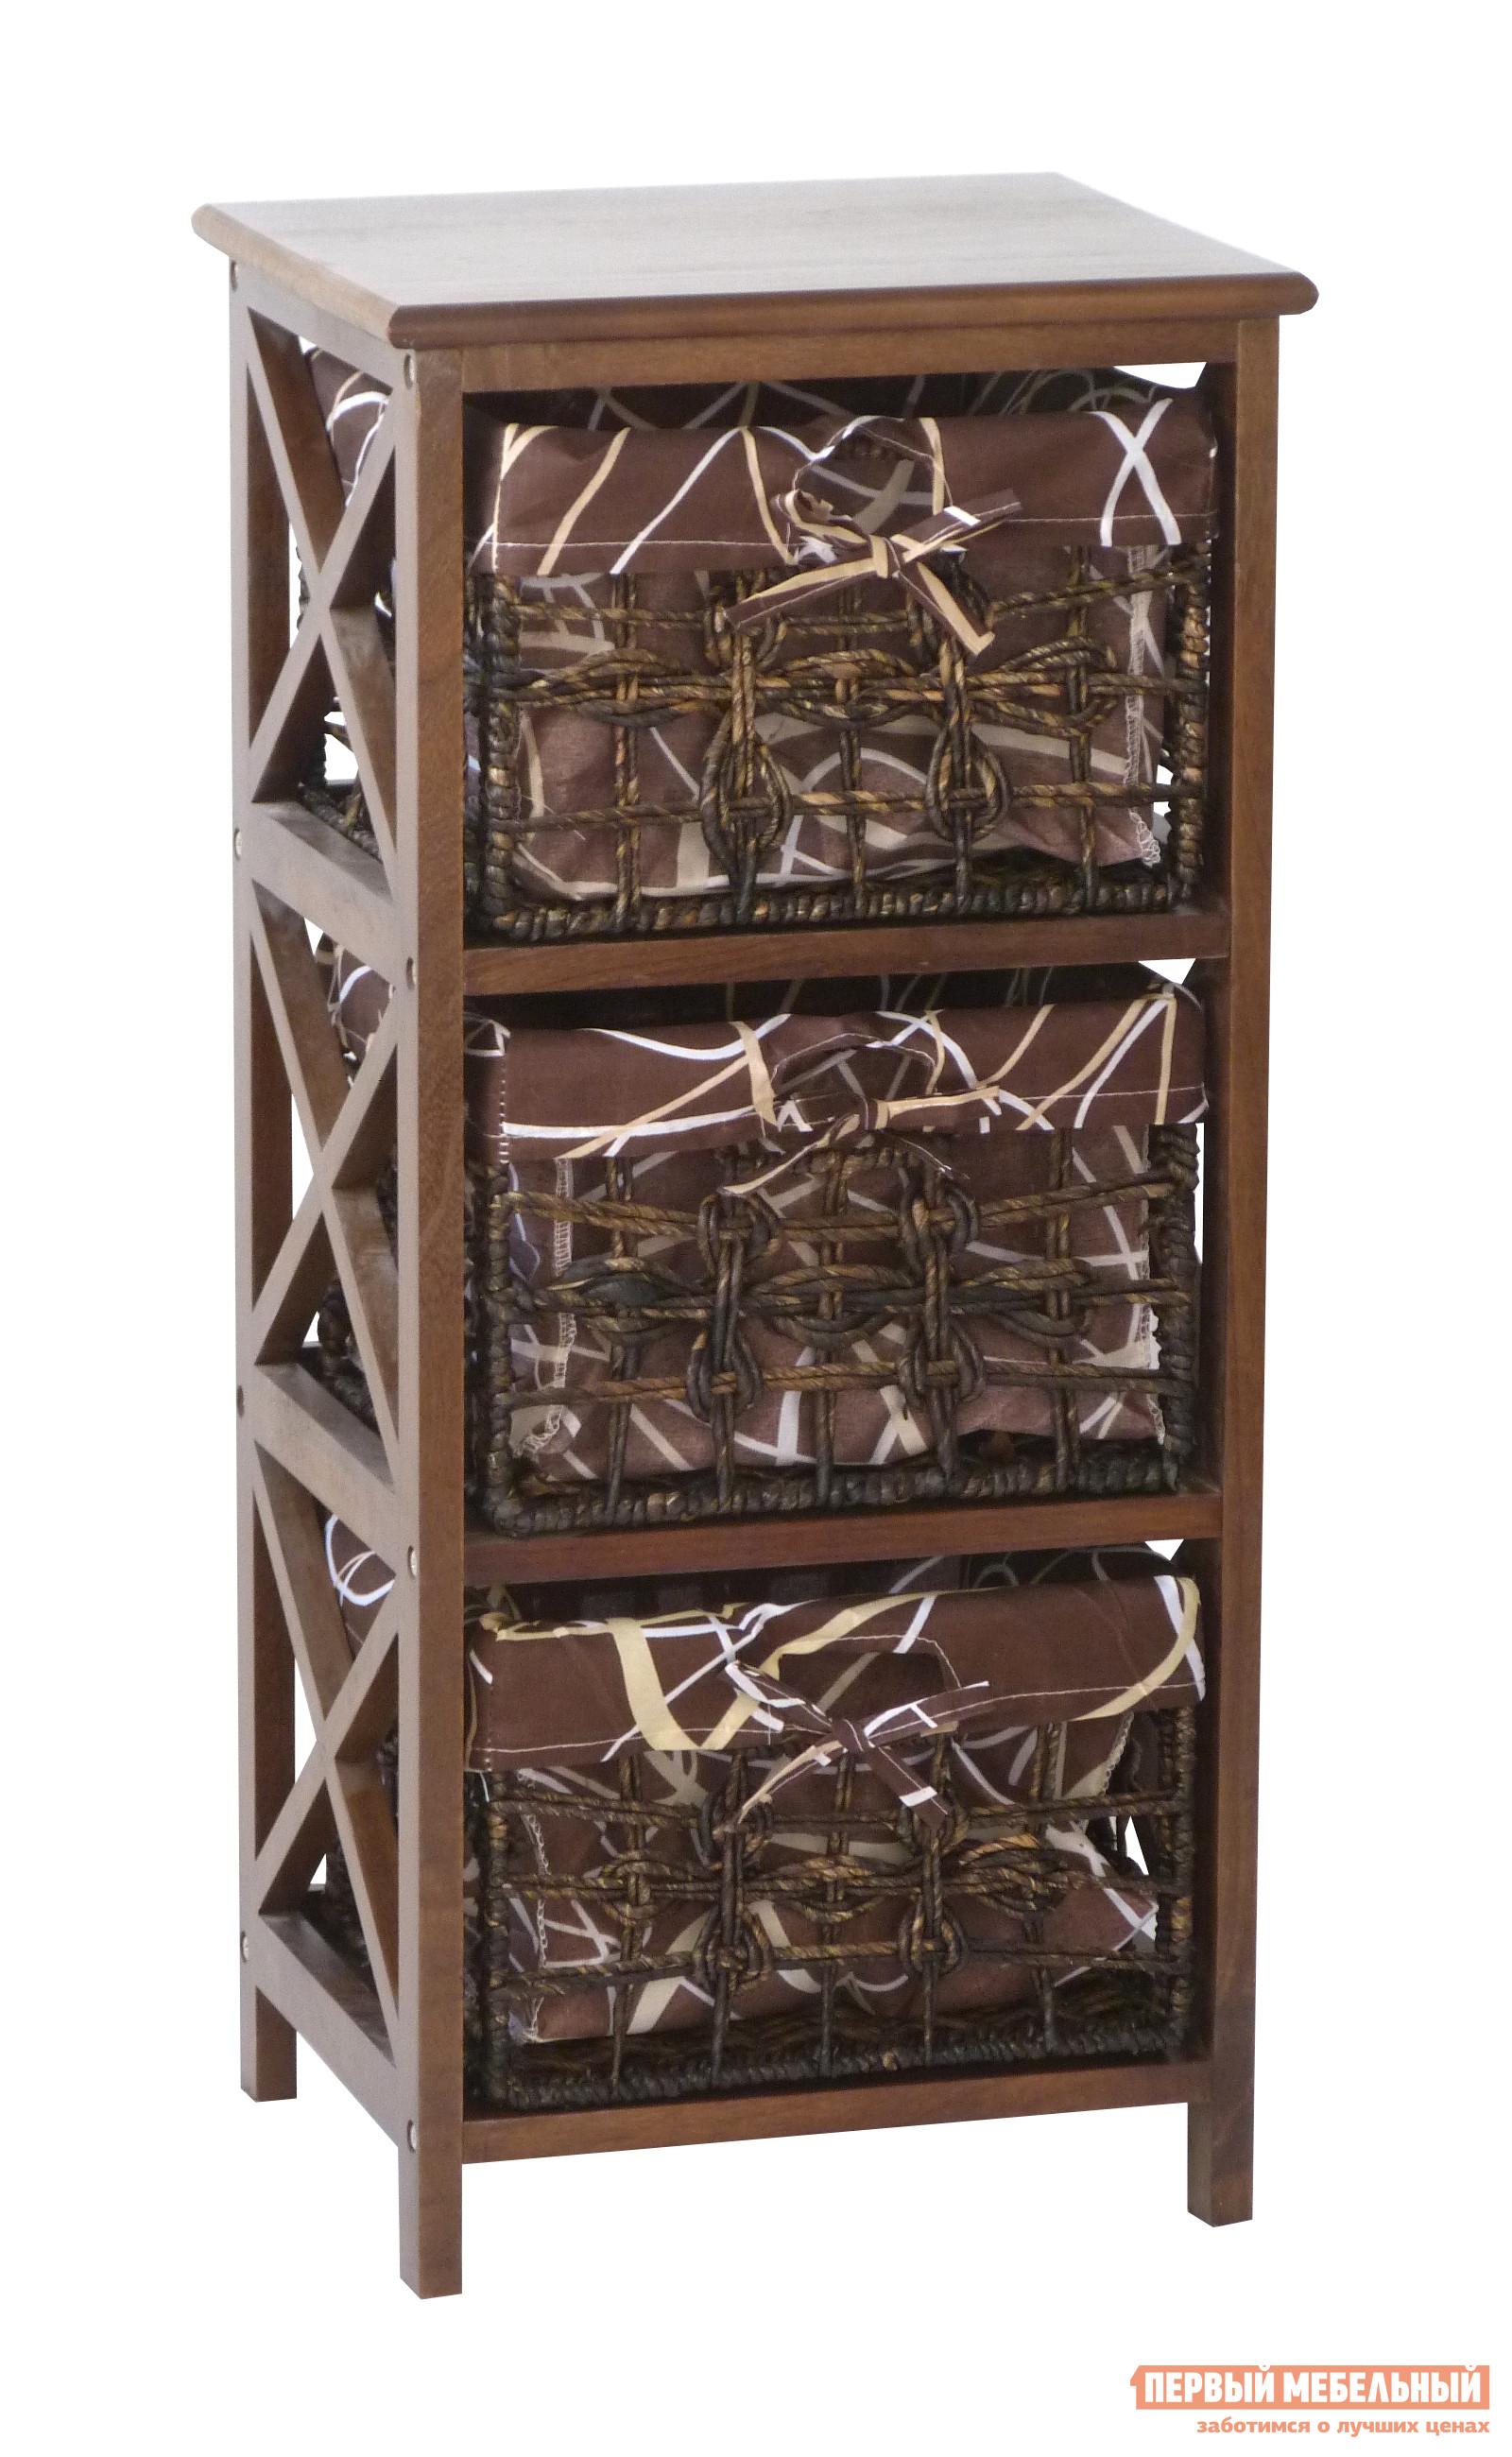 Комод Ariva ARIVA-404Z (54364) КоричневыйКомоды<br>Габаритные размеры ВхШхГ 745x350x300 мм. Комод, выполненный из натуральных материалов, — это красивое и экологичное мебельное изделие.  Модель оснащена тремя вместительными корзинами, в которых можно хранить различные предметы и вещи.  Комод универсален, он впишется в любую комнату в доме.  Имеет оригинальное и функциональное оформление, плетеные корзины, стильные чехлы.  Высота корзины 18 см, высота ниши под корзину 21 см.  Каркас комода изготовлен из павловнии.  Корзины выполнены из кукурузного жгута, съемные чехлы для корзин из ткани: 30% хлопок, 70% полиэстер. Обратите внимание! Использование изделия без корзинок невозможно.  Корзина устанавливается на раму с пустотой в центре.<br><br>Цвет: Коричневый<br>Цвет: Коричневое дерево<br>Высота мм: 745<br>Ширина мм: 350<br>Глубина мм: 300<br>Кол-во упаковок: 1<br>Форма поставки: В разобранном виде<br>Срок гарантии: 1 год<br>Тип: Прямые<br>Тип: Плетеная<br>Назначение: Для спальни<br>Назначение: В прихожую<br>Материал: Дерево<br>Материал: Массив дерева<br>Порода дерева: Павловния<br>Размер: Узкие<br>Высота: Низкие<br>Глубина: Неглубокие<br>На ножках: Да<br>С корзинами: Да<br>Без ручек: Да<br>Количество ящиков: 3 ящика